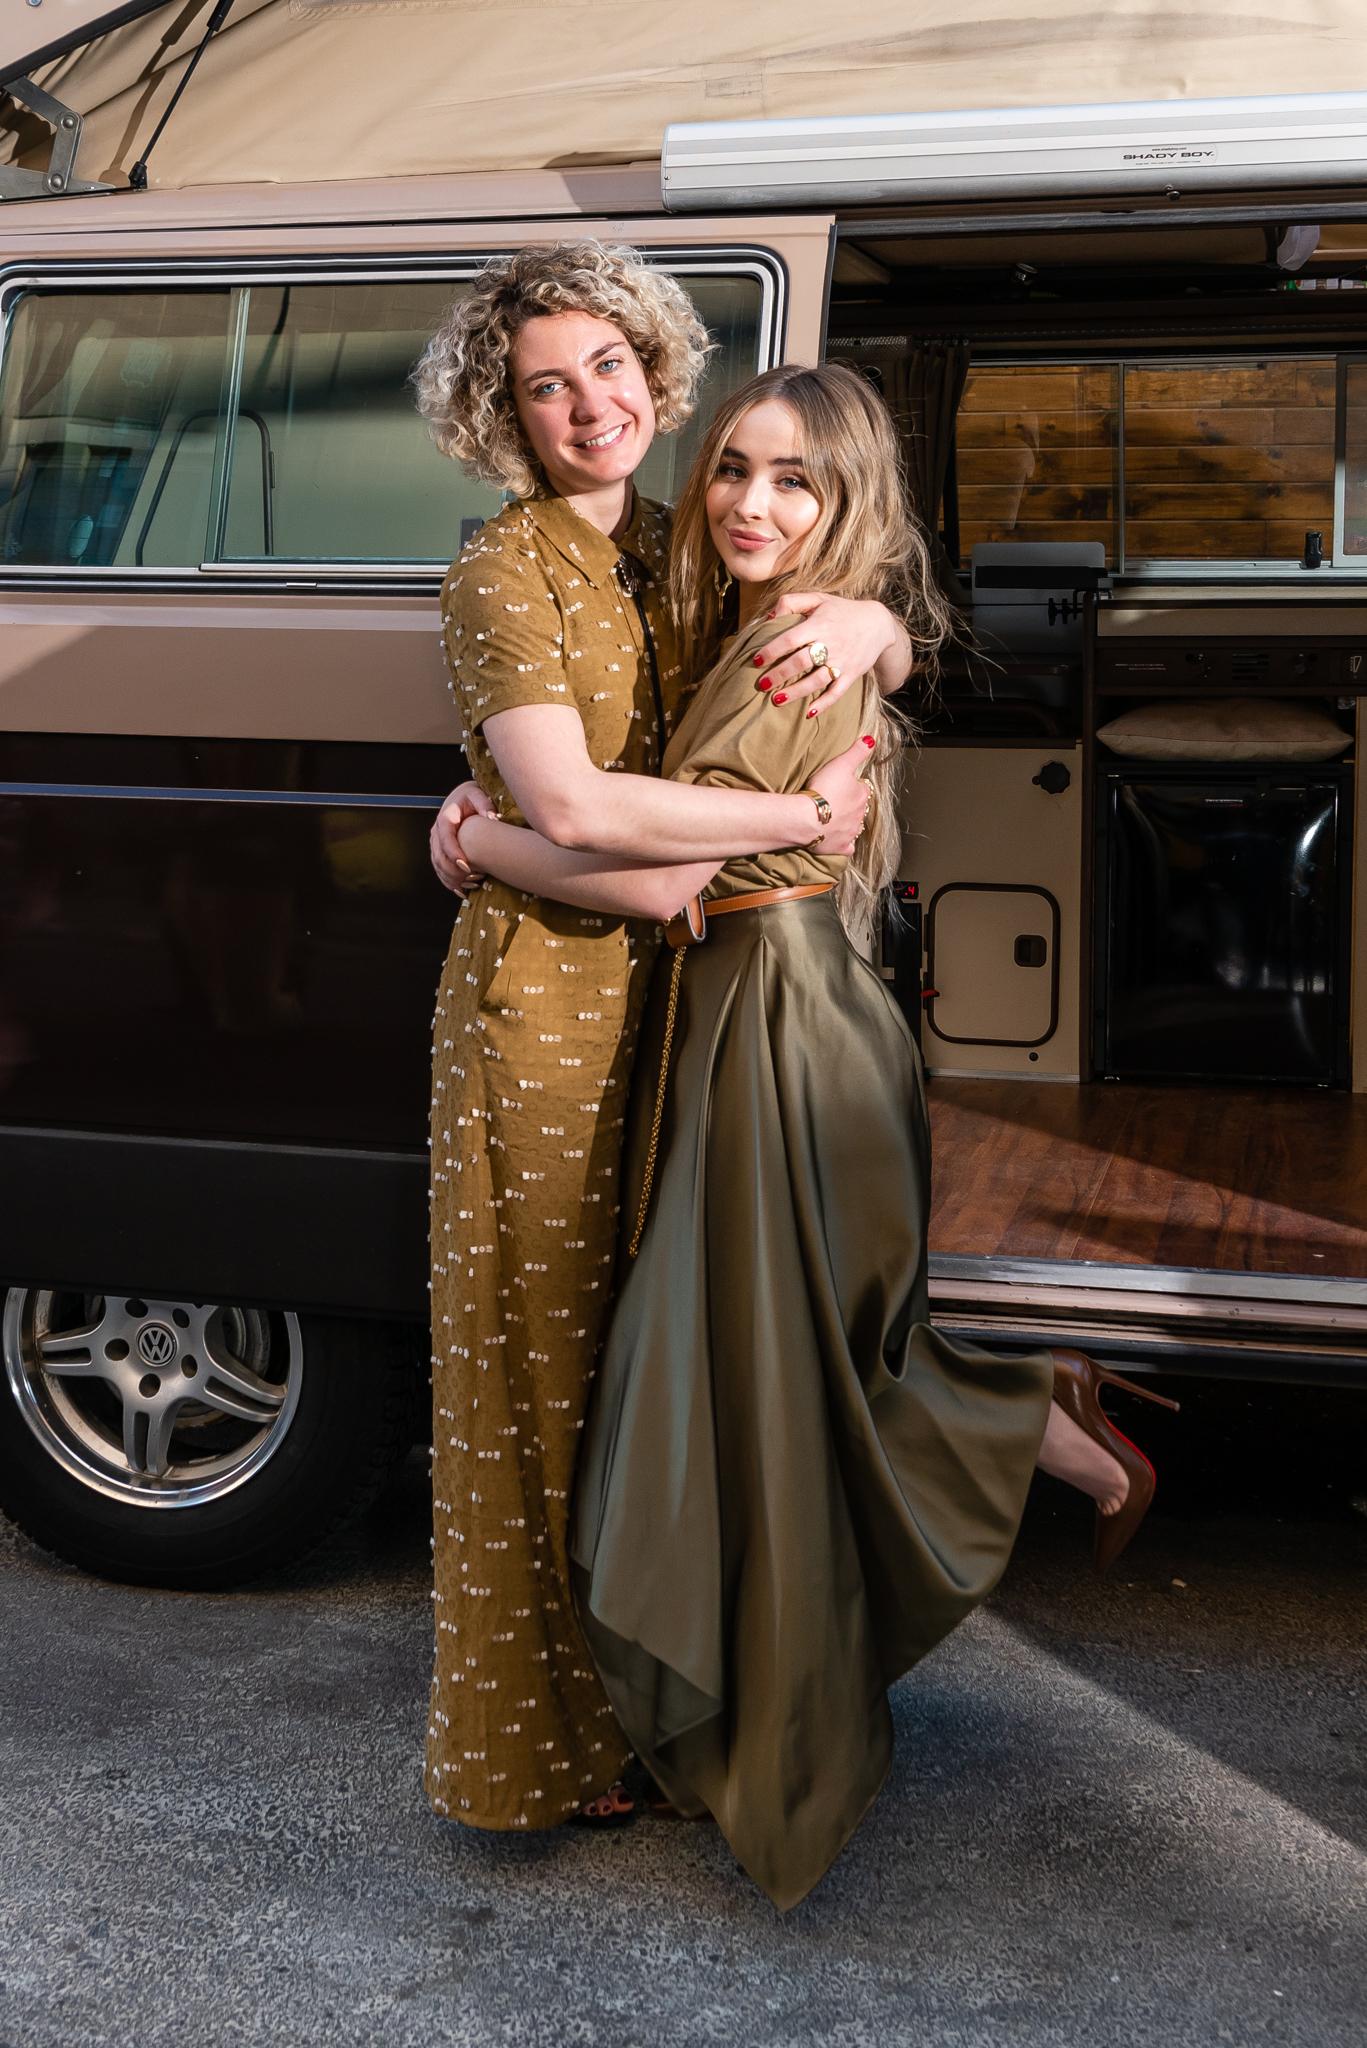 Stars Descend Upon Supper Suite Pop-Up during Tribeca Film Festival Week